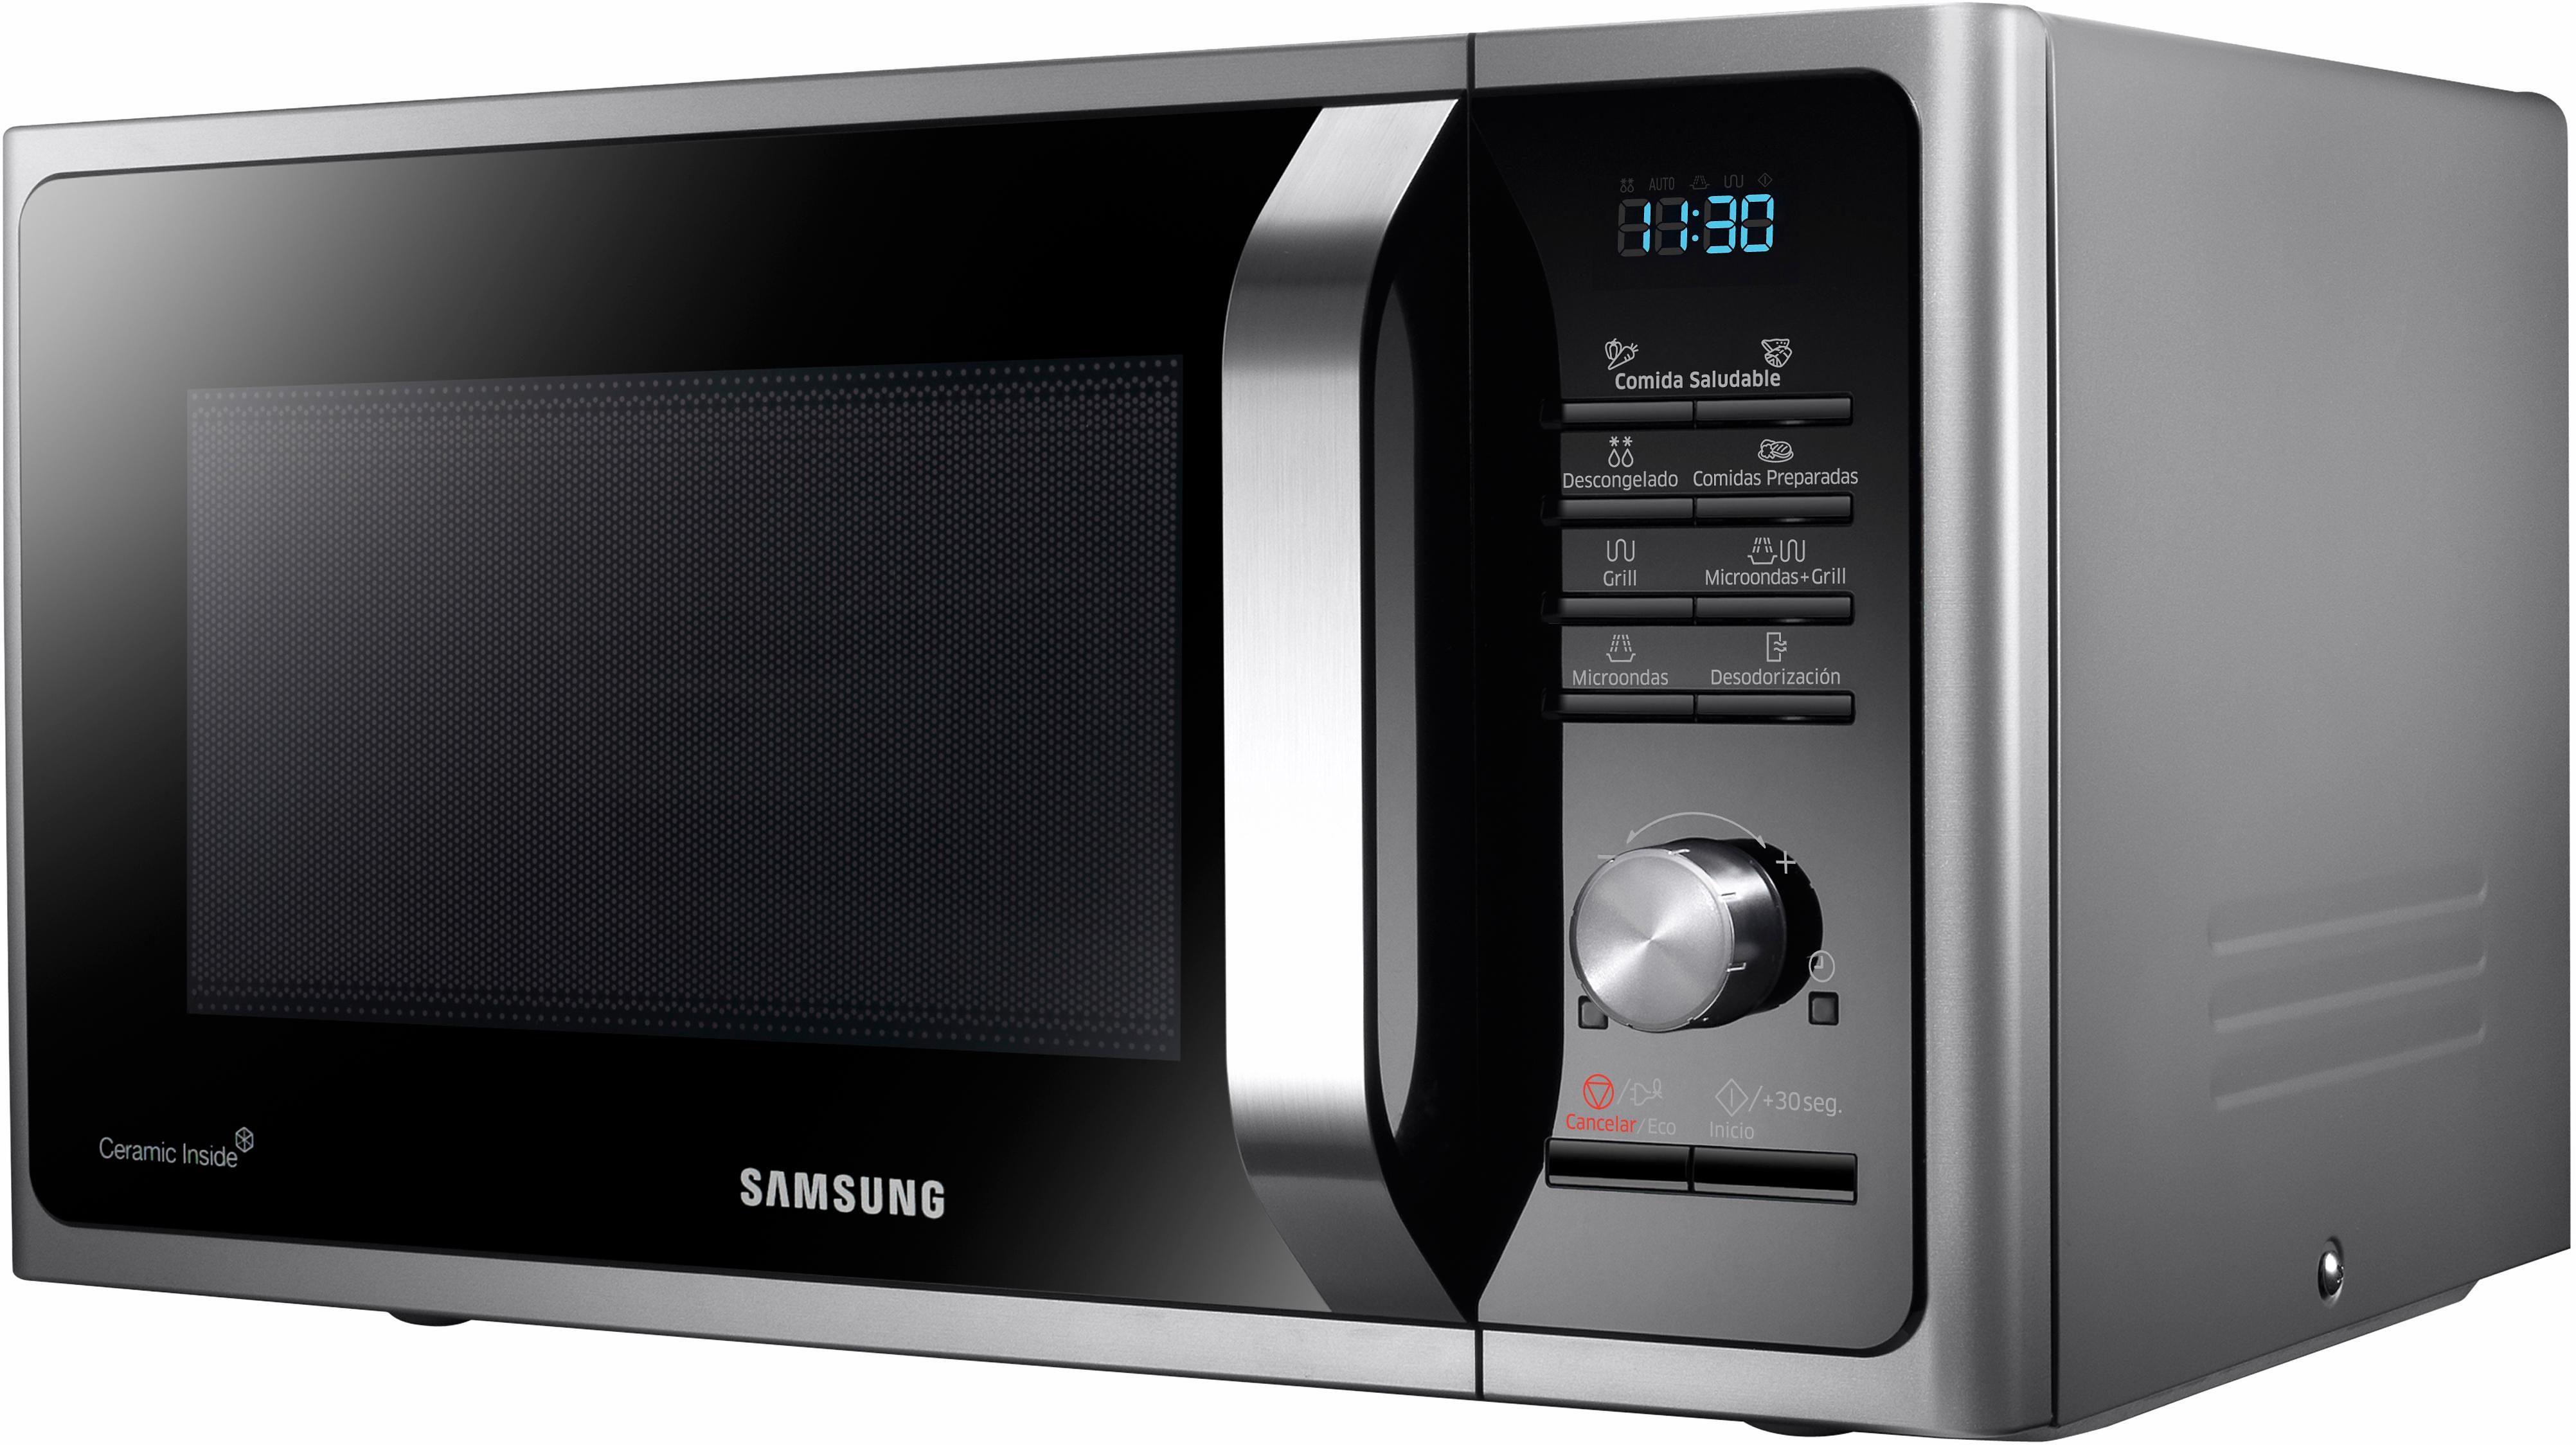 Samsung Mikrowelle MG28F303TCS/EG, mit Grill, 28 Liter Garraum, 900 Watt